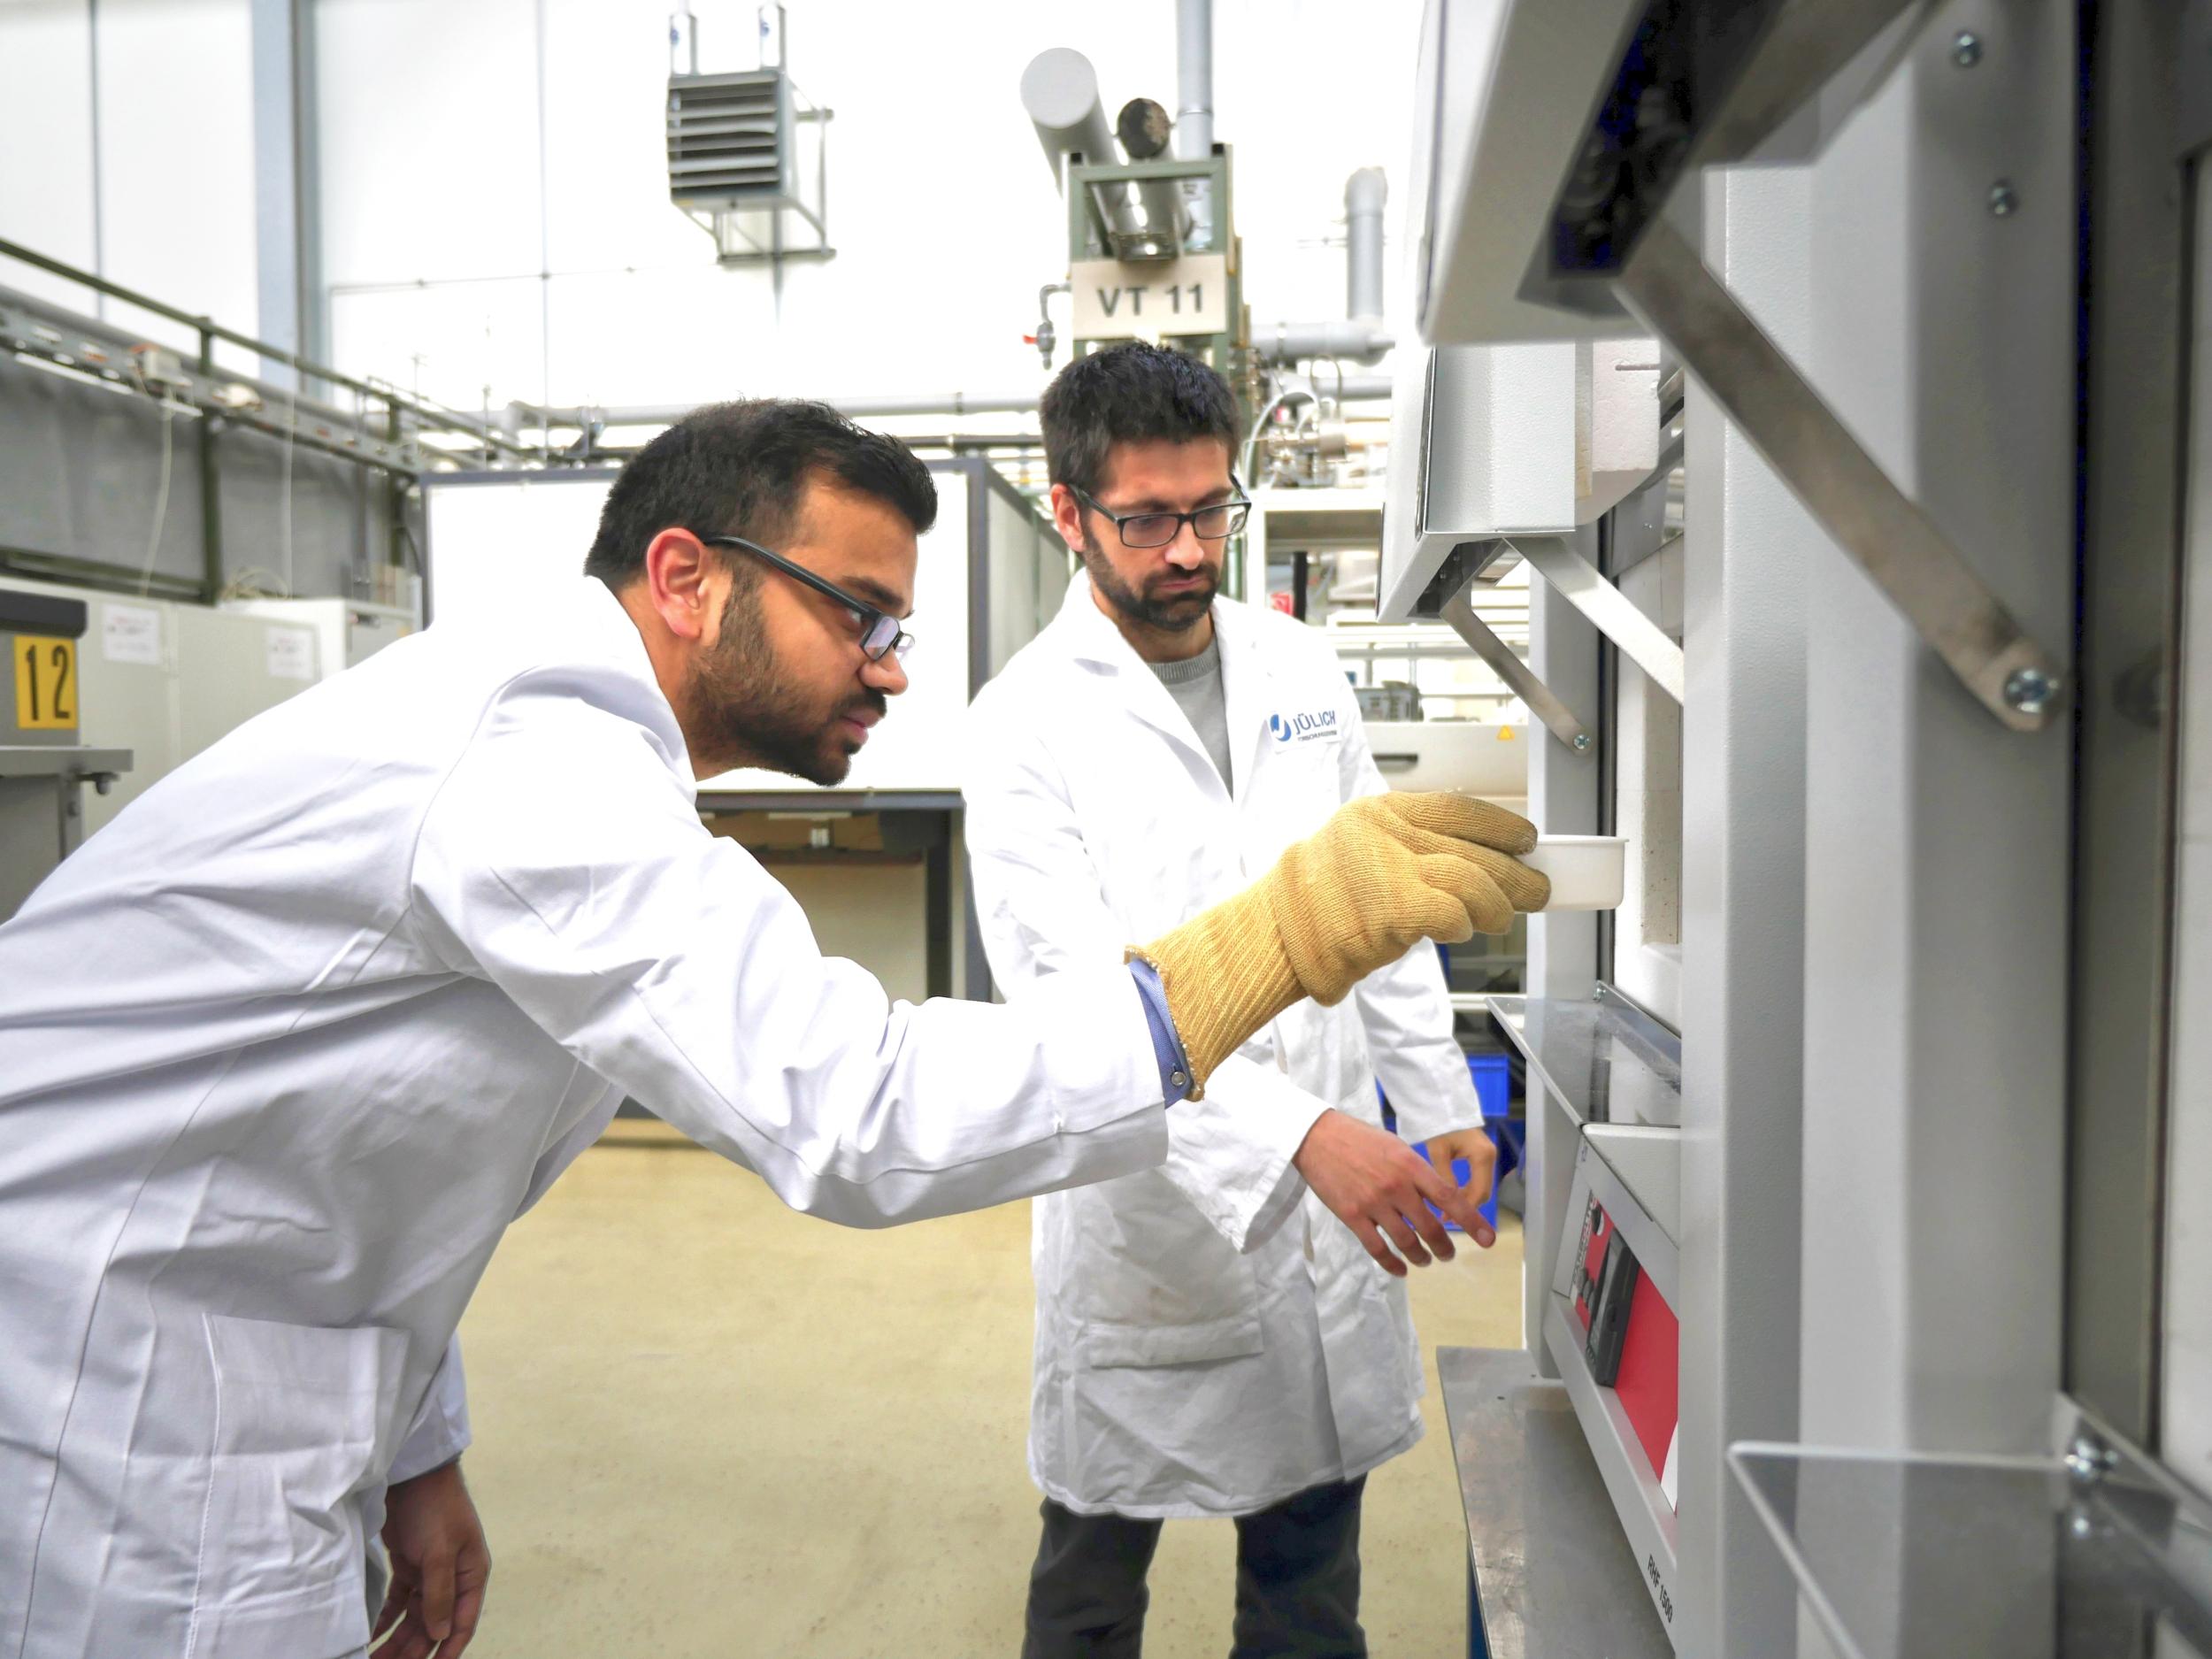 Mit dem neuen Verfahren reicht nun schon ein normaler Ofen. Im Bild: Dr. Jesus Gonzalez-Julian (rechts) und Apurv Dash (links)<br />Foto: Forschungszentrum Jülich / Regine Panknin